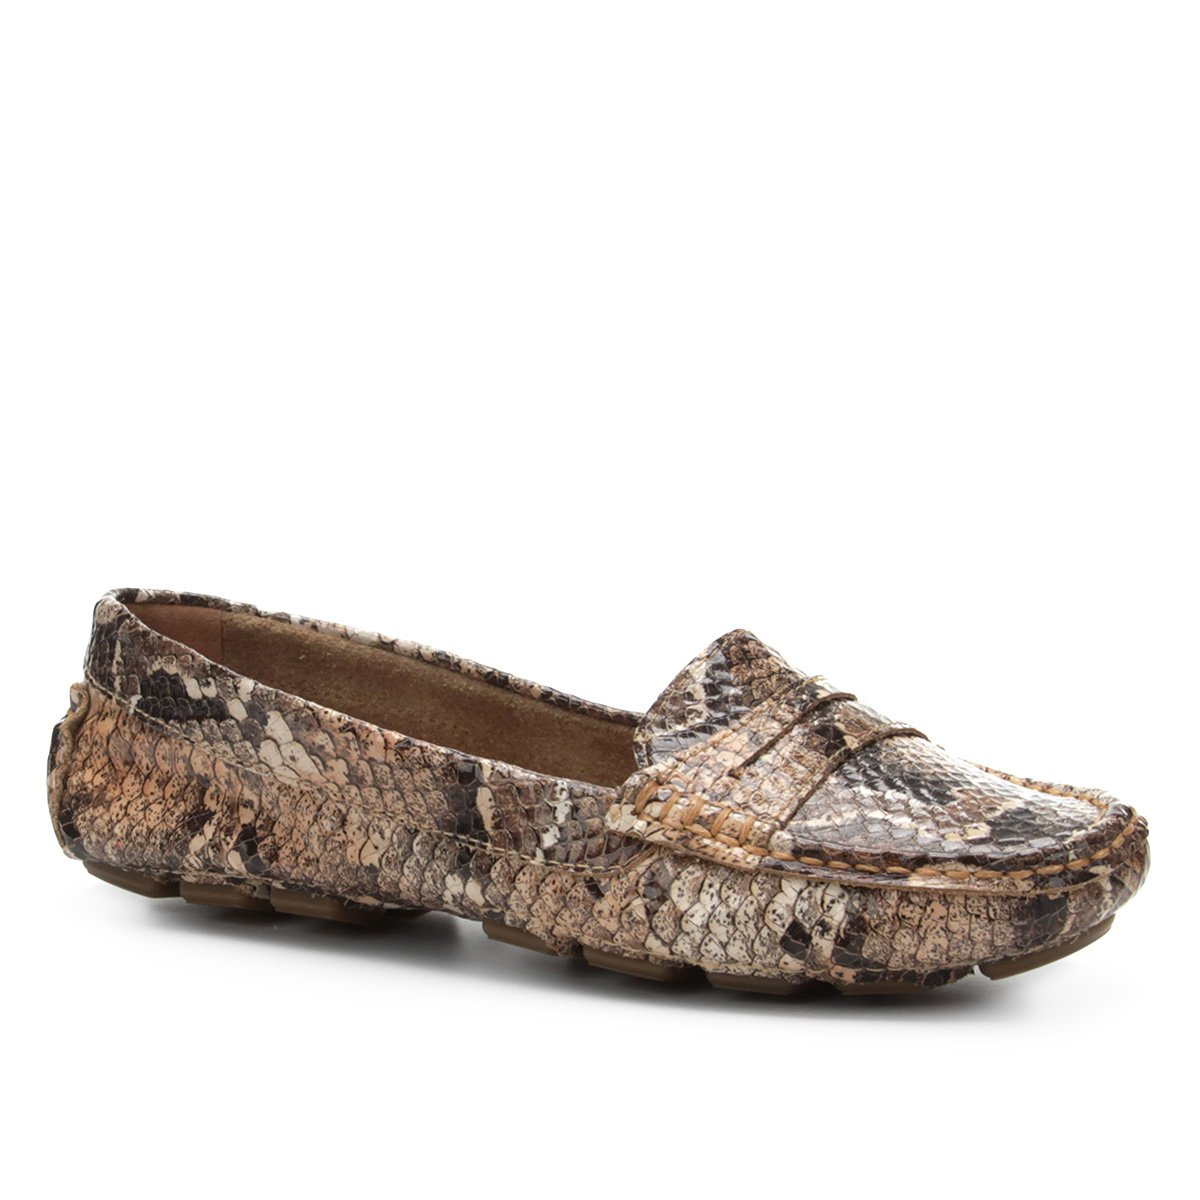 b7e8c1f99d Mocassim Couro Shoestock Snake Feminino - Compre Agora